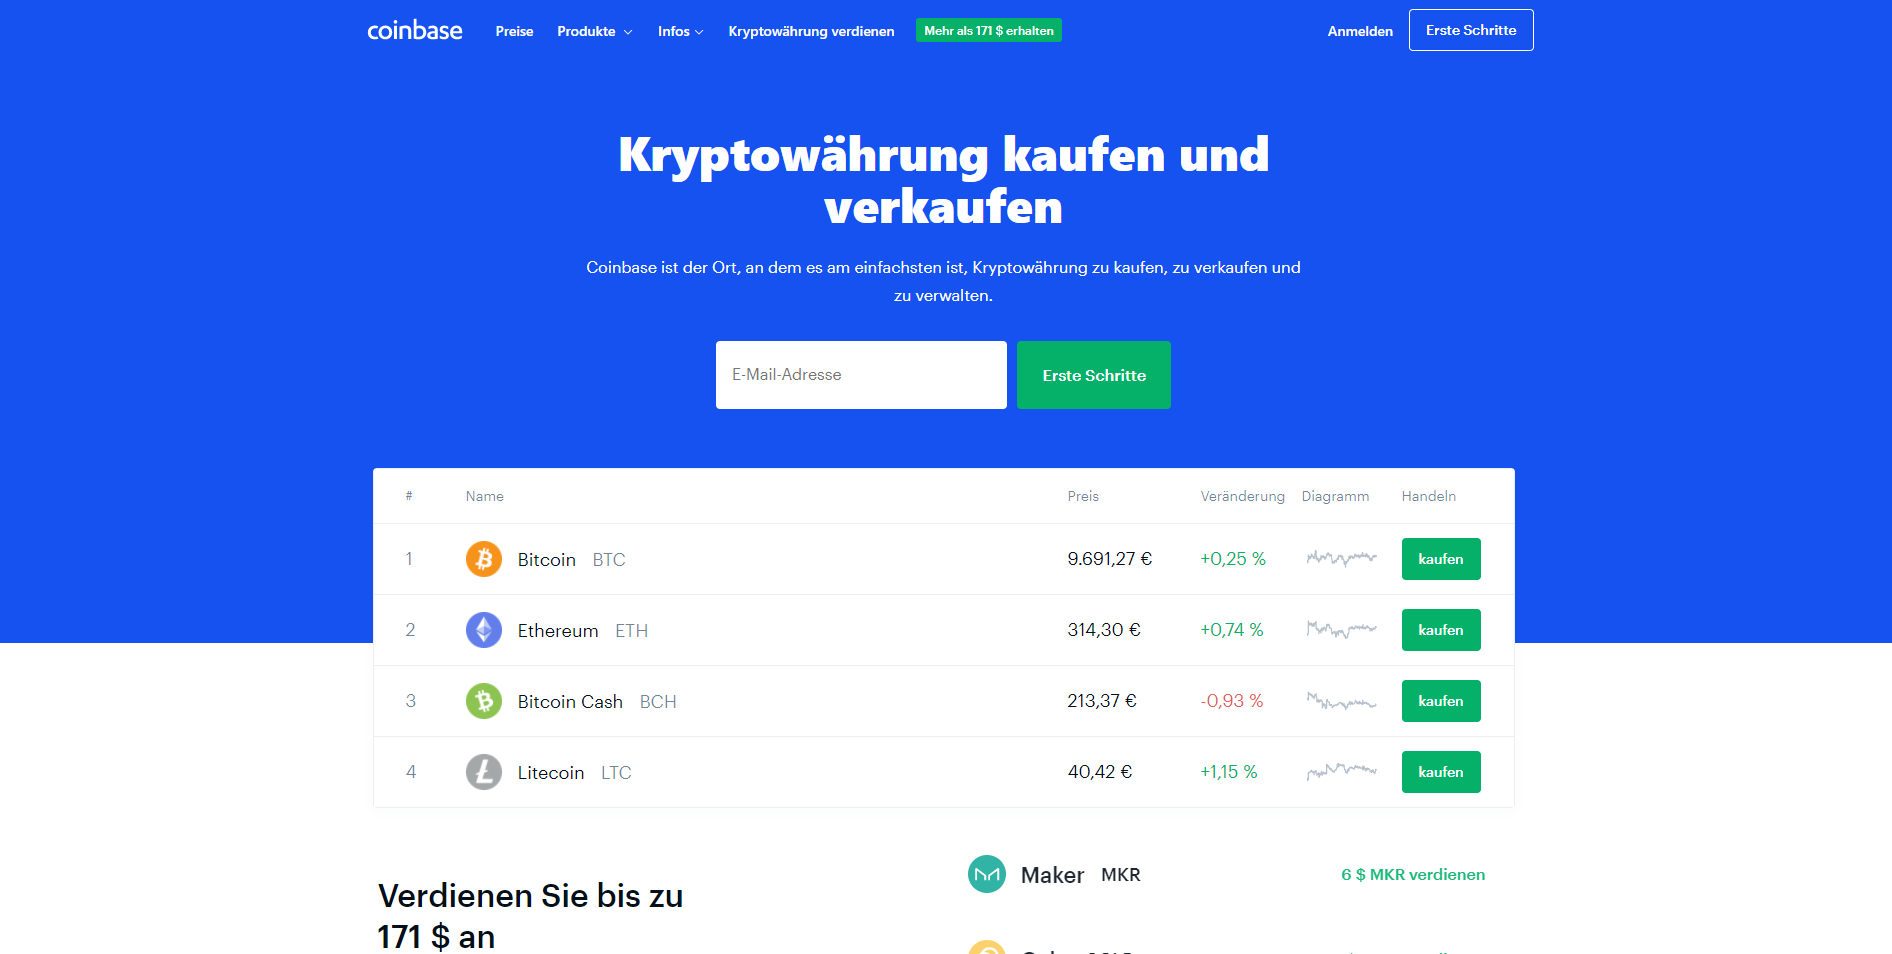 Wann wird DoDecoin zu Coinbase hinzugefugt?